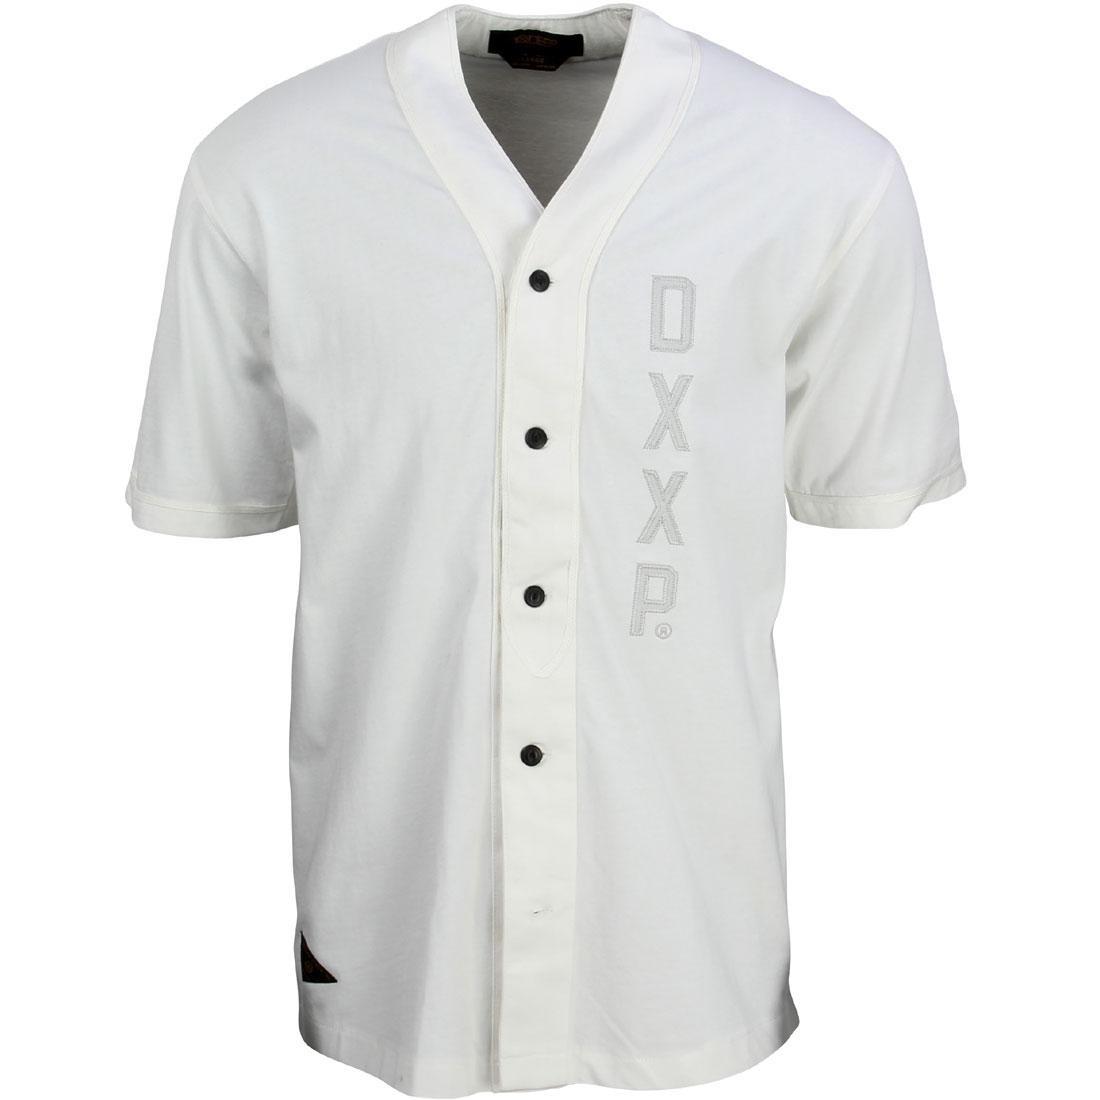 【スーパーセール中! 6/11深夜2時迄】テンディープ 10 DEEP ジャージ メンズファッション トップス Tシャツ カットソー メンズ 【 Dtown Mesh Jersey Shirt (white) 】 White